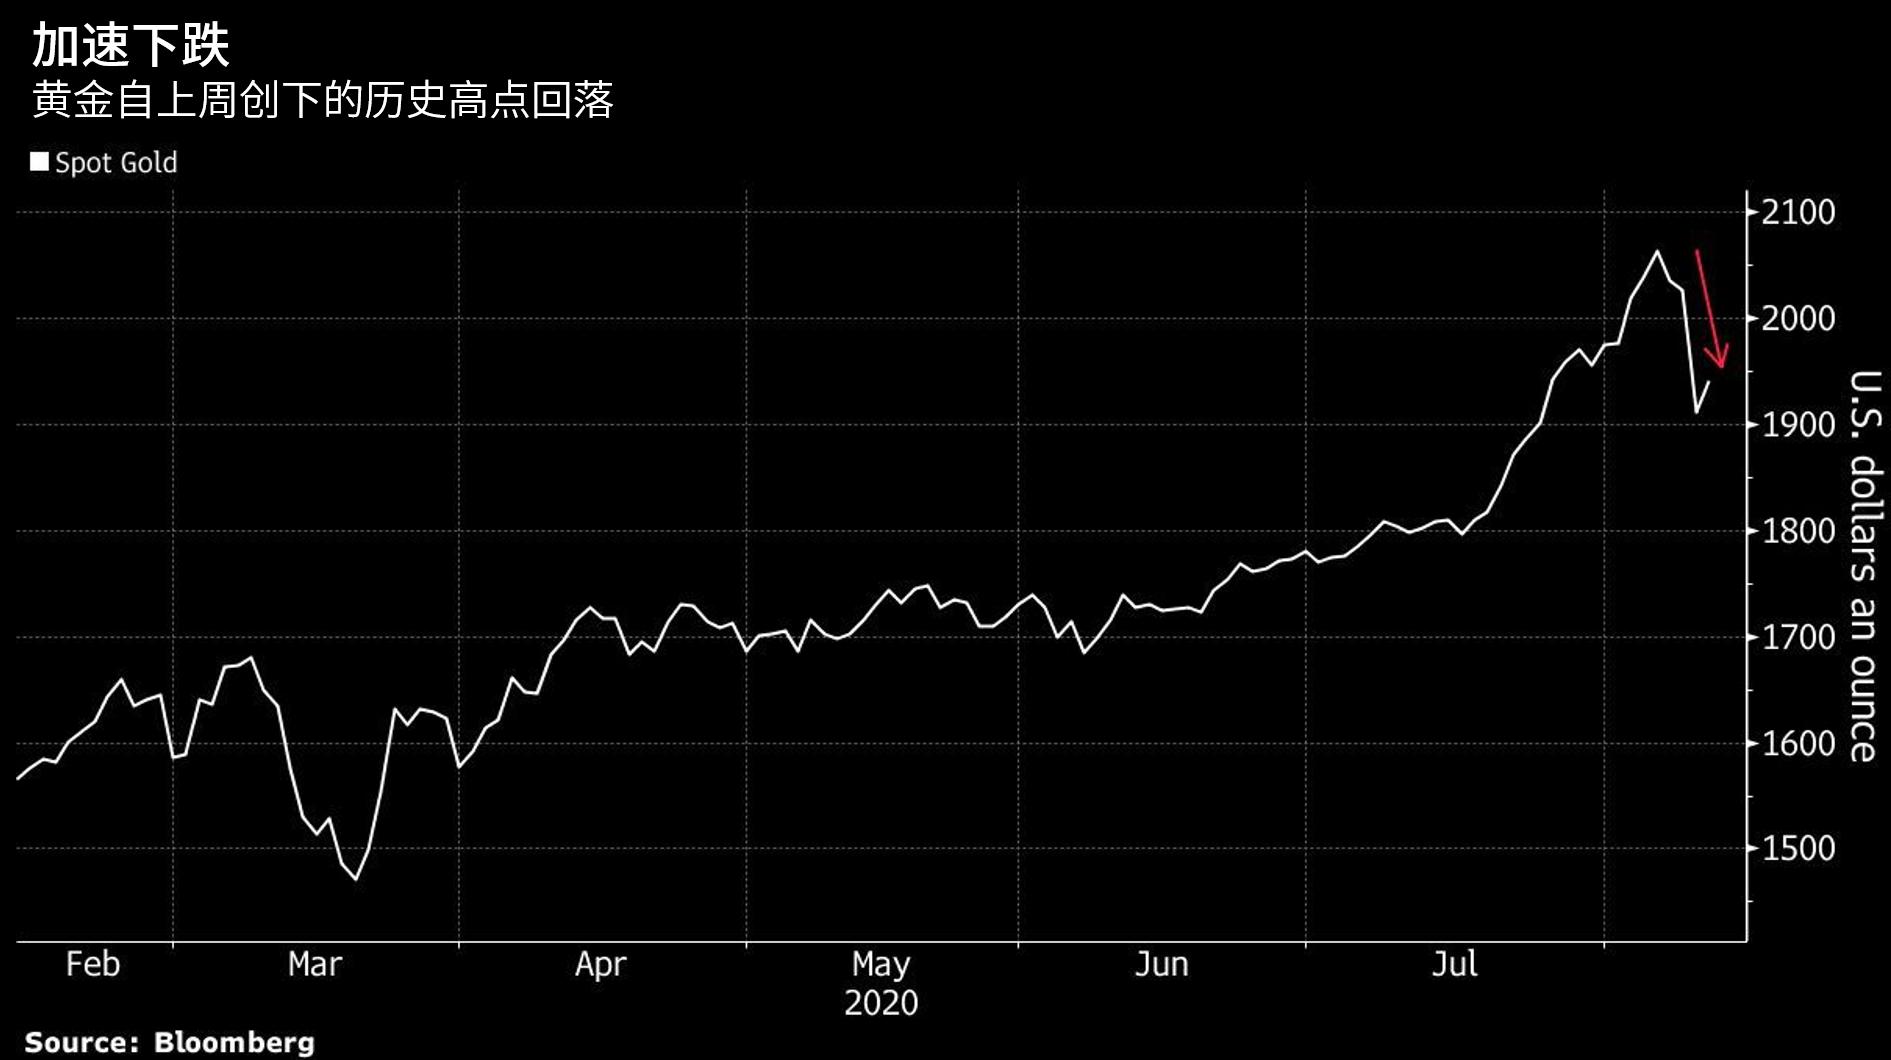 现货黄金创历史高位后大跌,4张图暗示后市走势